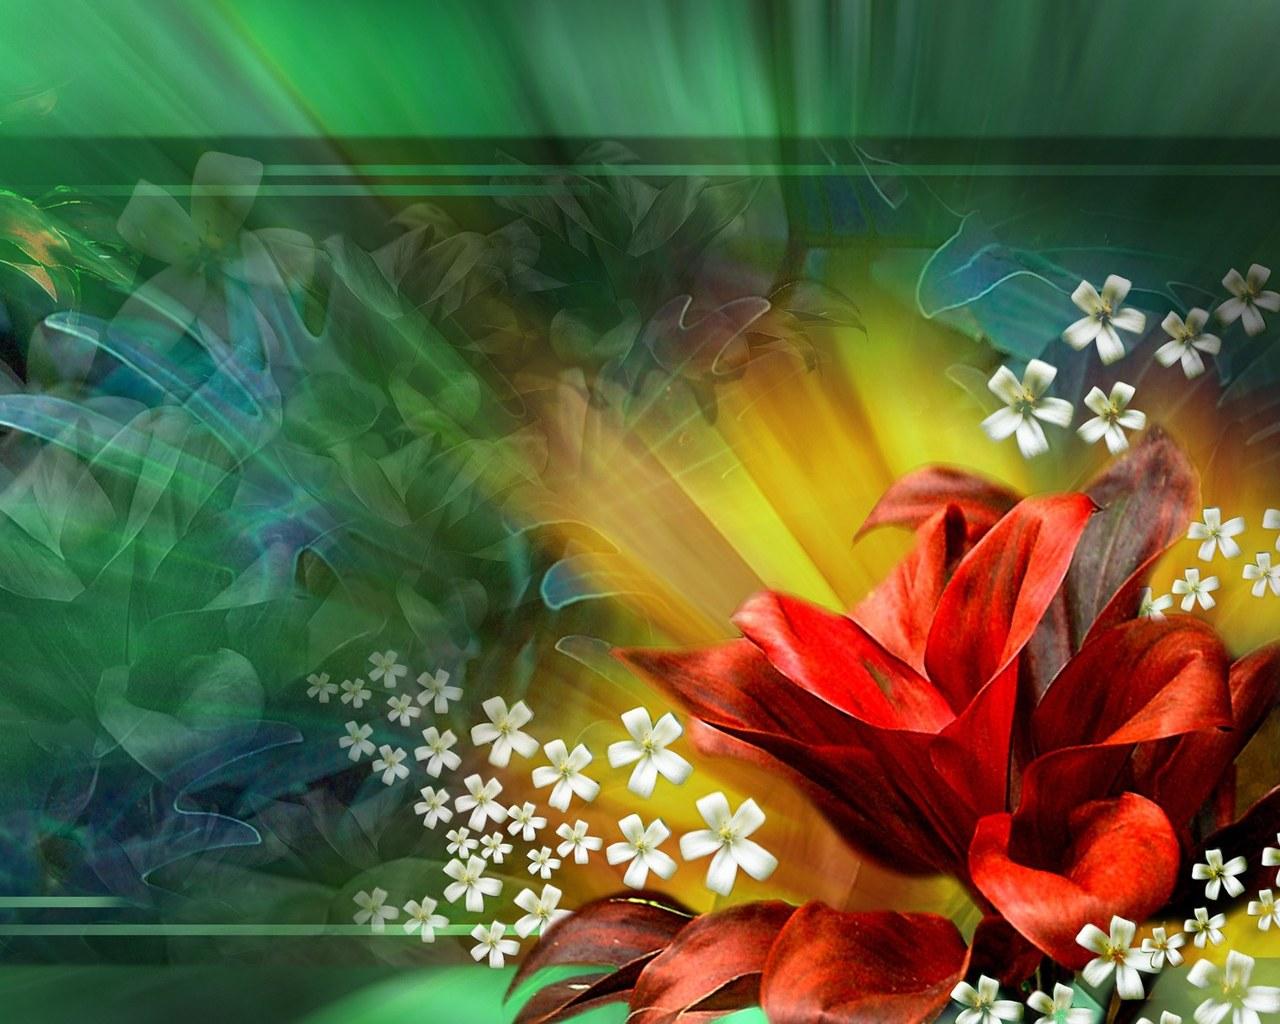 Wallpapers Background HD Desktop Wallpapers 1280x1024